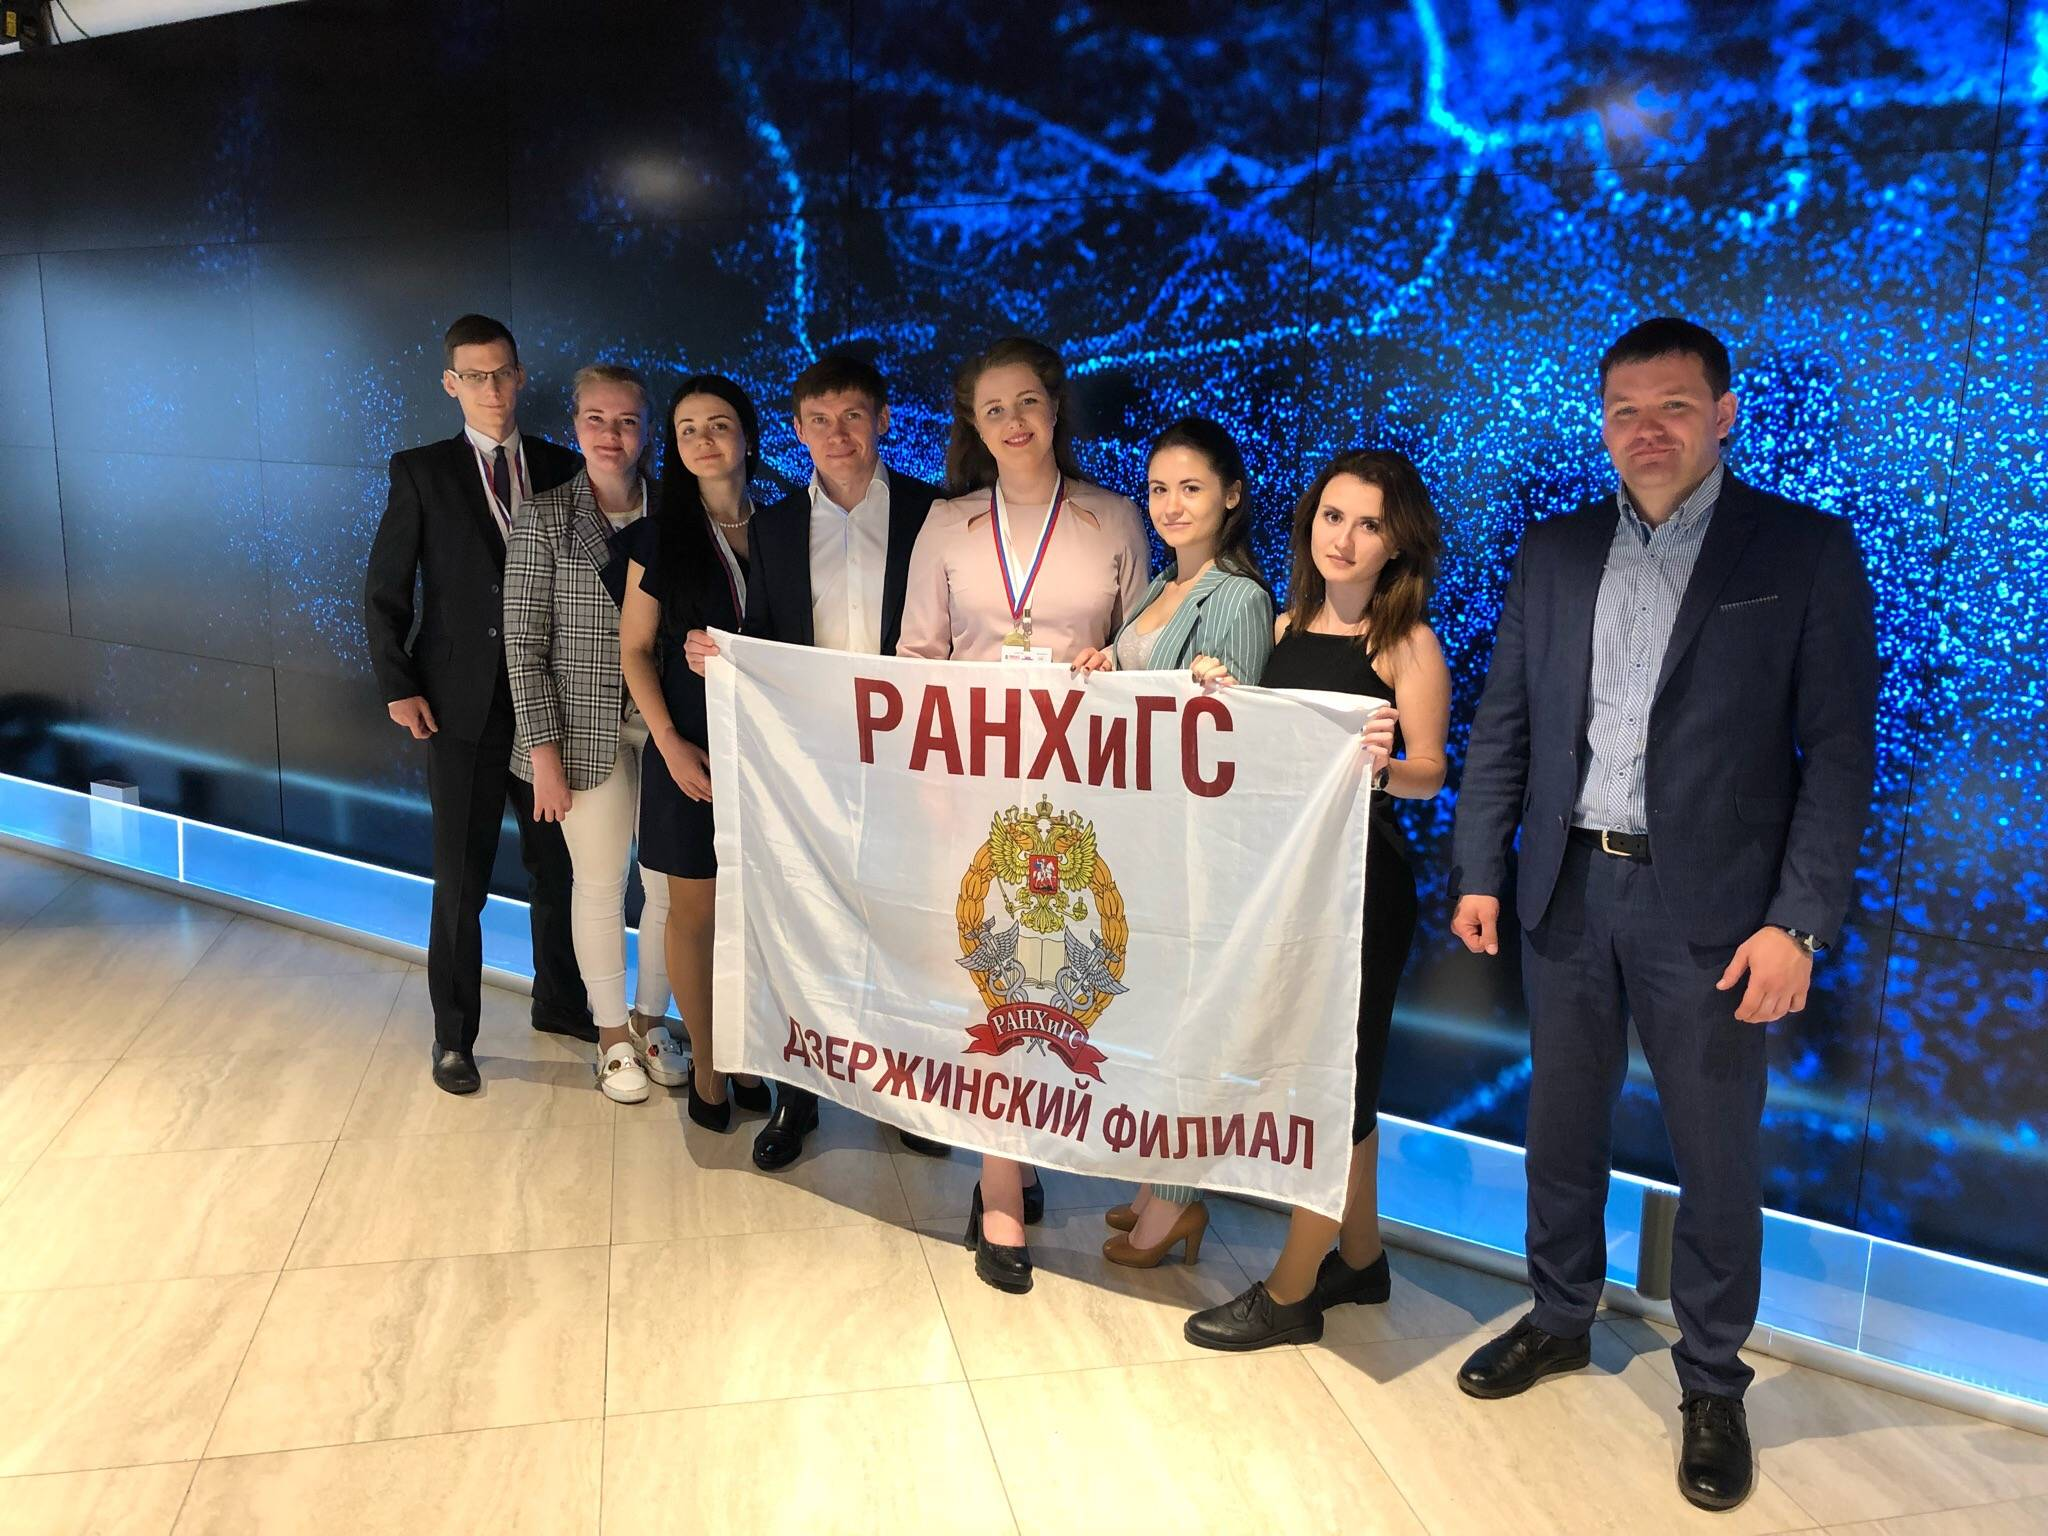 Студенты Дзержинского филиала РАНХиГС приняли участие в финале Всероссийского кубка «Управляй»